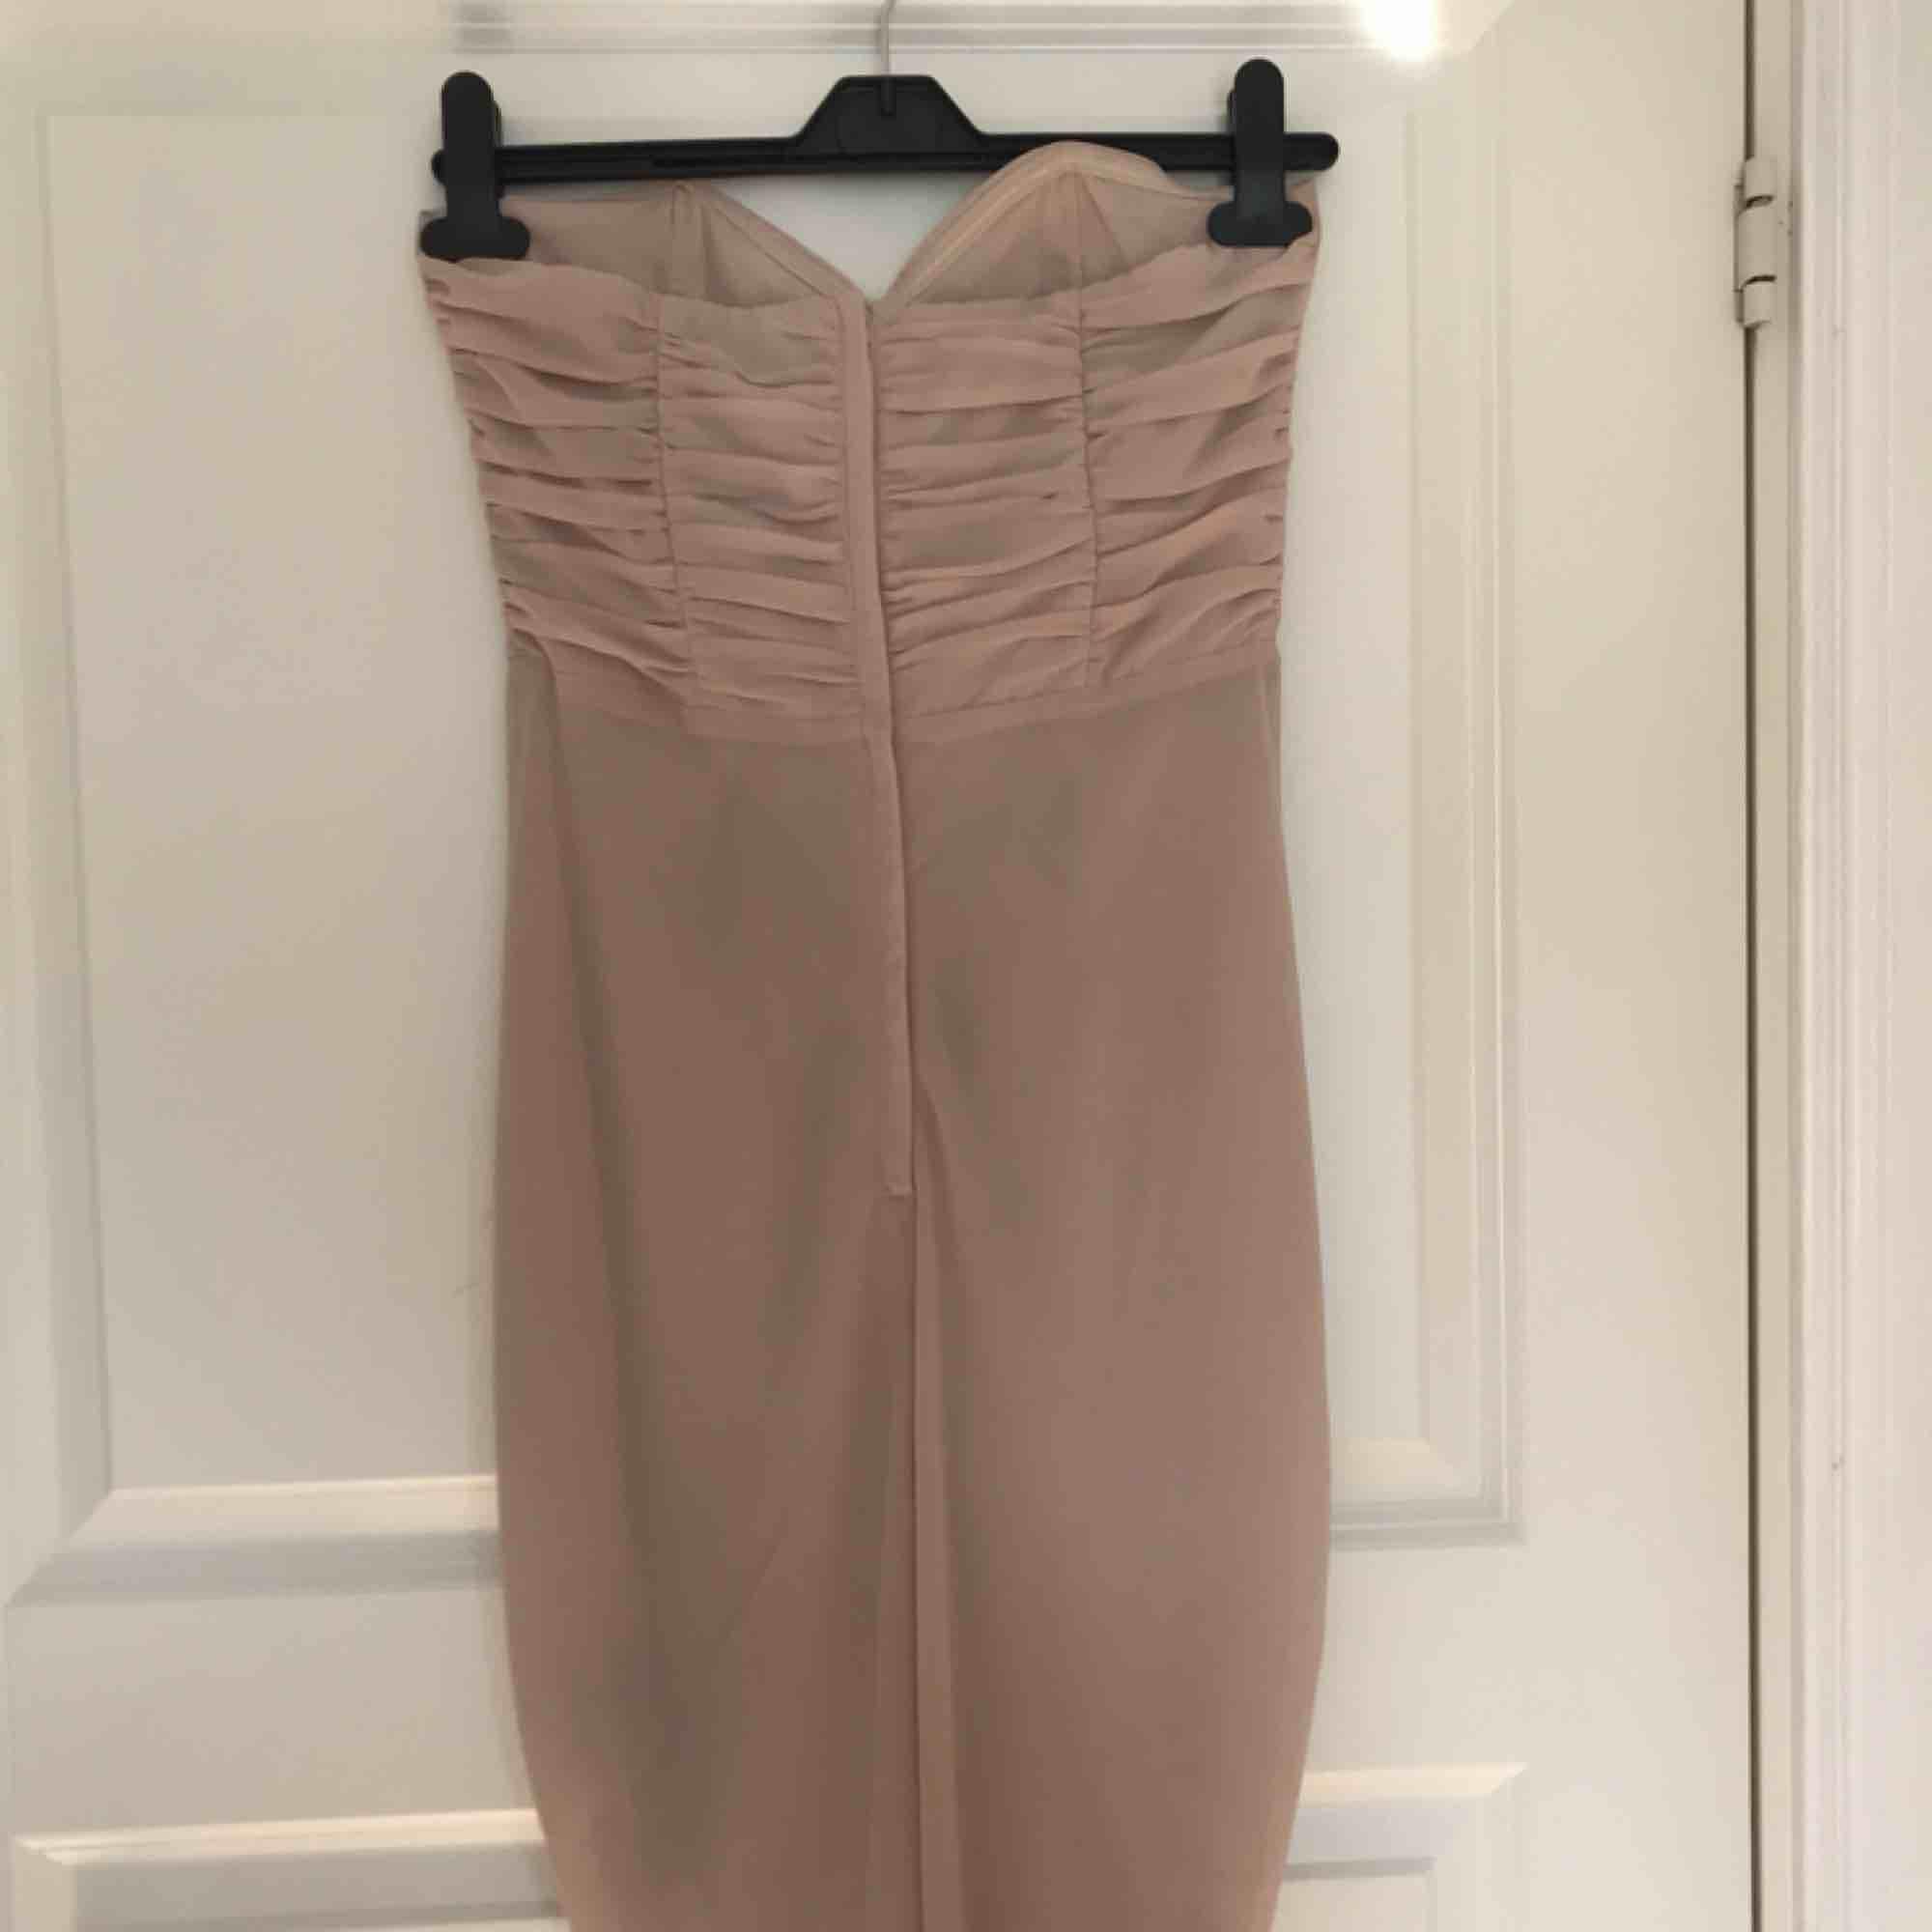 Beige klänning från hm, perfekt till skolavslutning eller bal. Använd 1 gång men kommer tyvärr inte till användning. Klänningar.